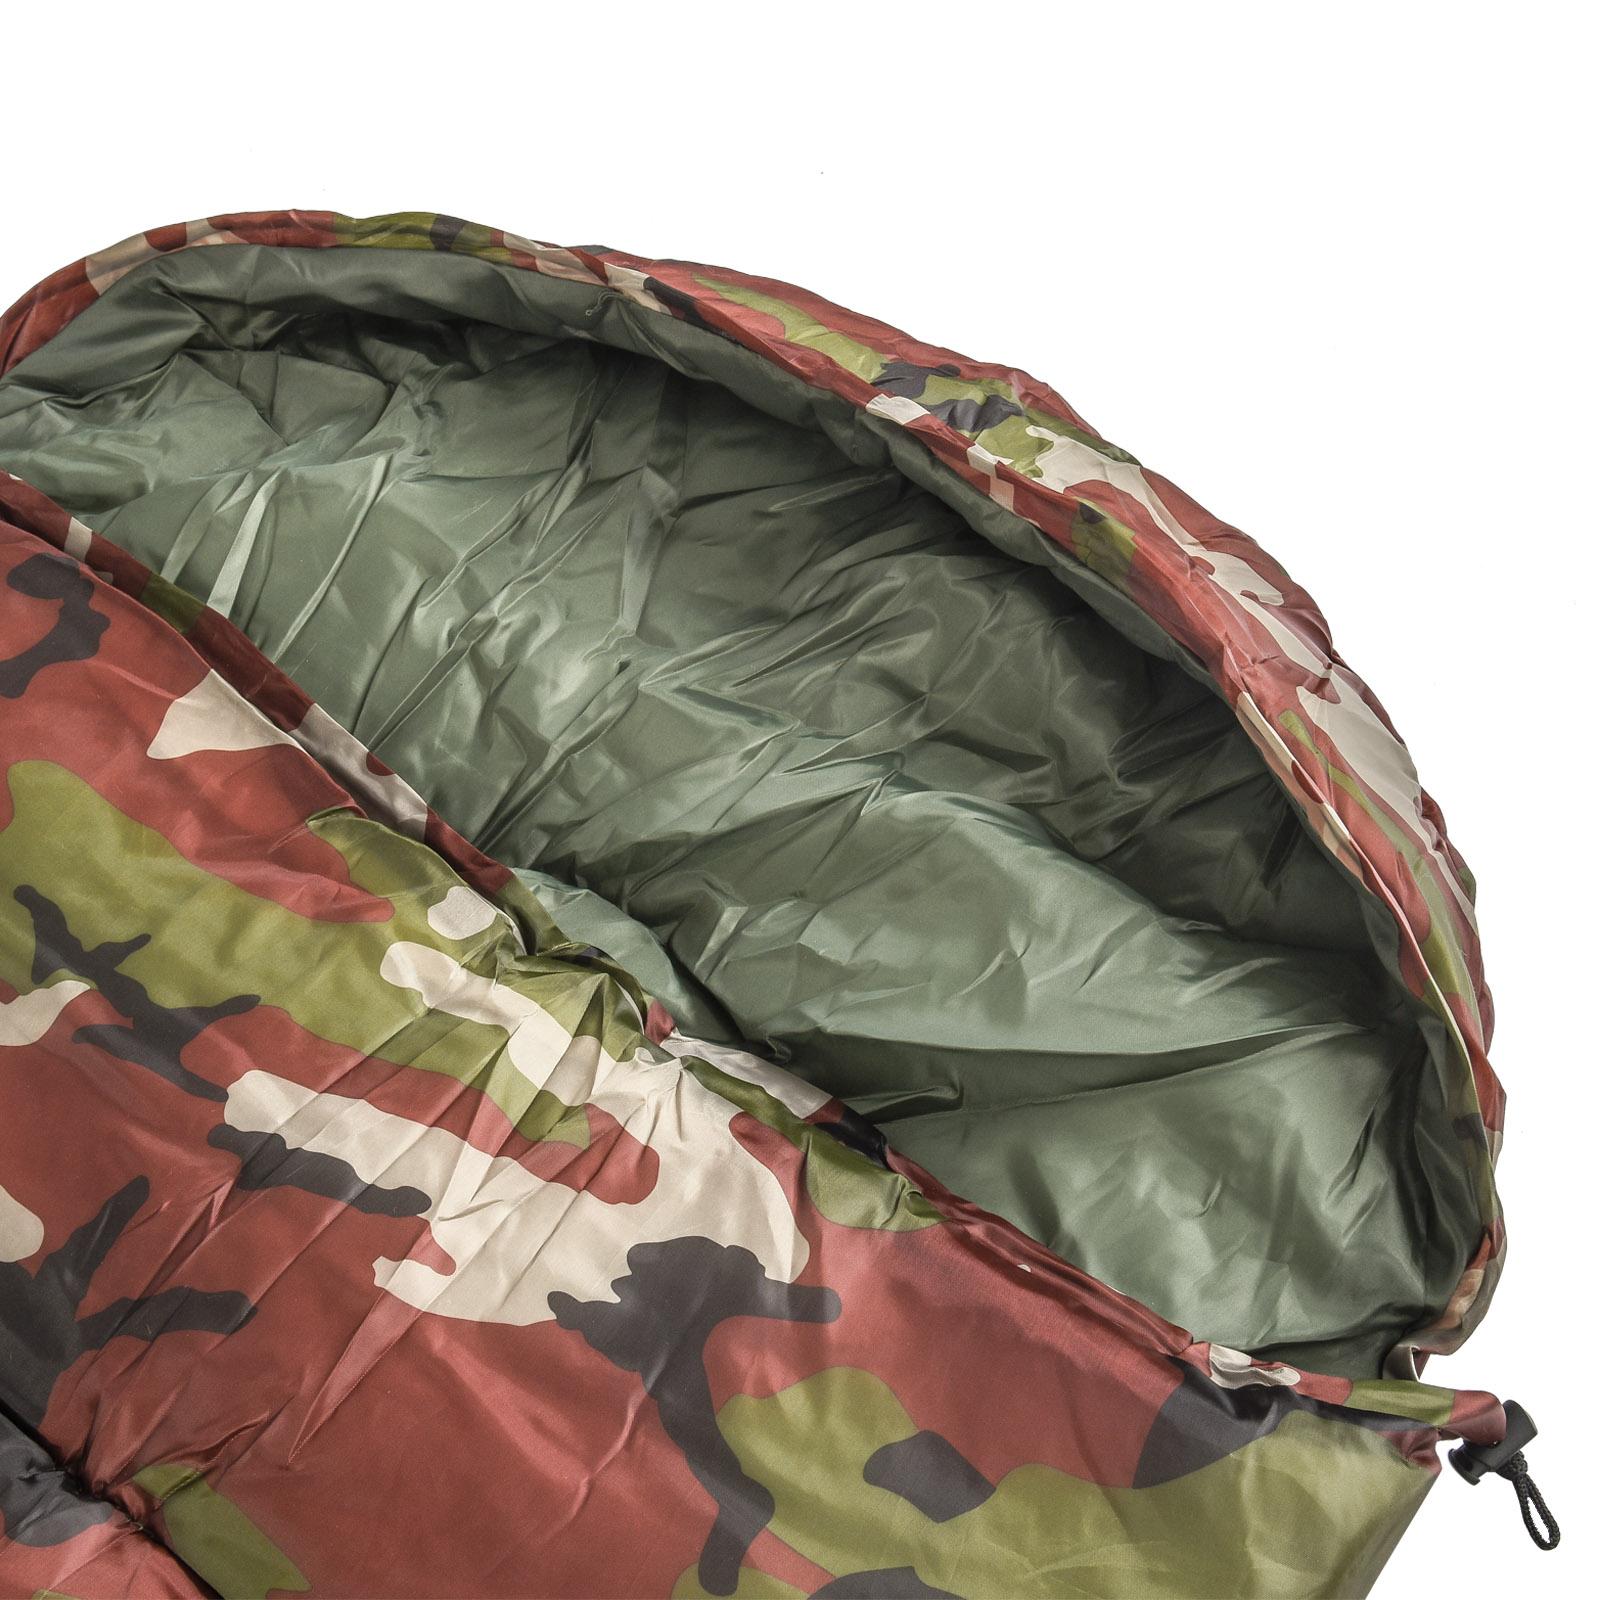 Заказать в интернет магазине армейский спальный мешок